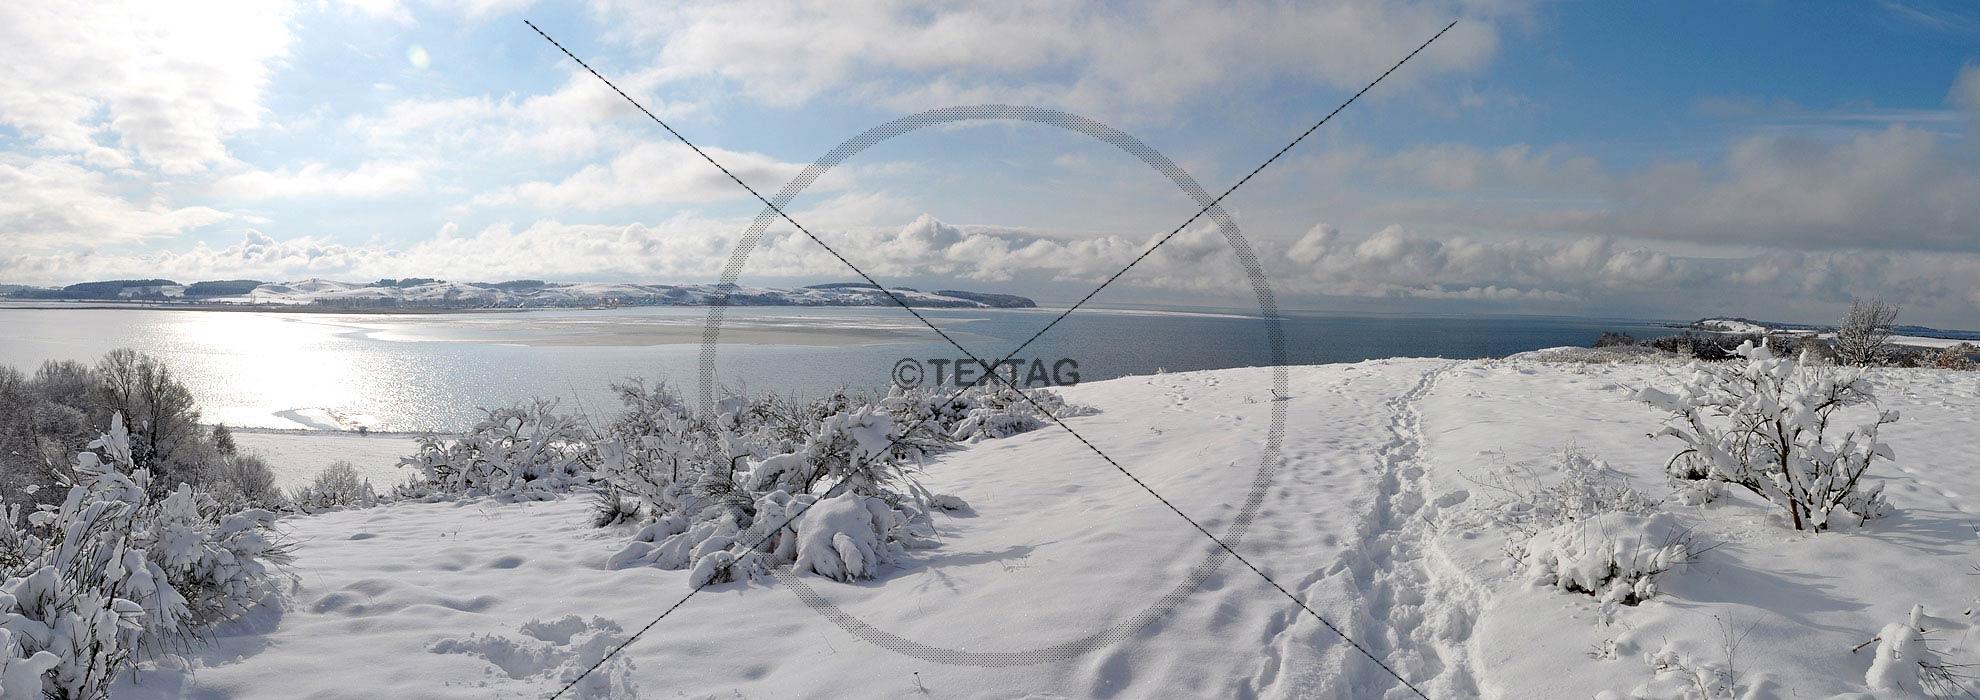 schafberg im winter zicker berge lizenzfreie fotos von r gen und mv fotoshop. Black Bedroom Furniture Sets. Home Design Ideas